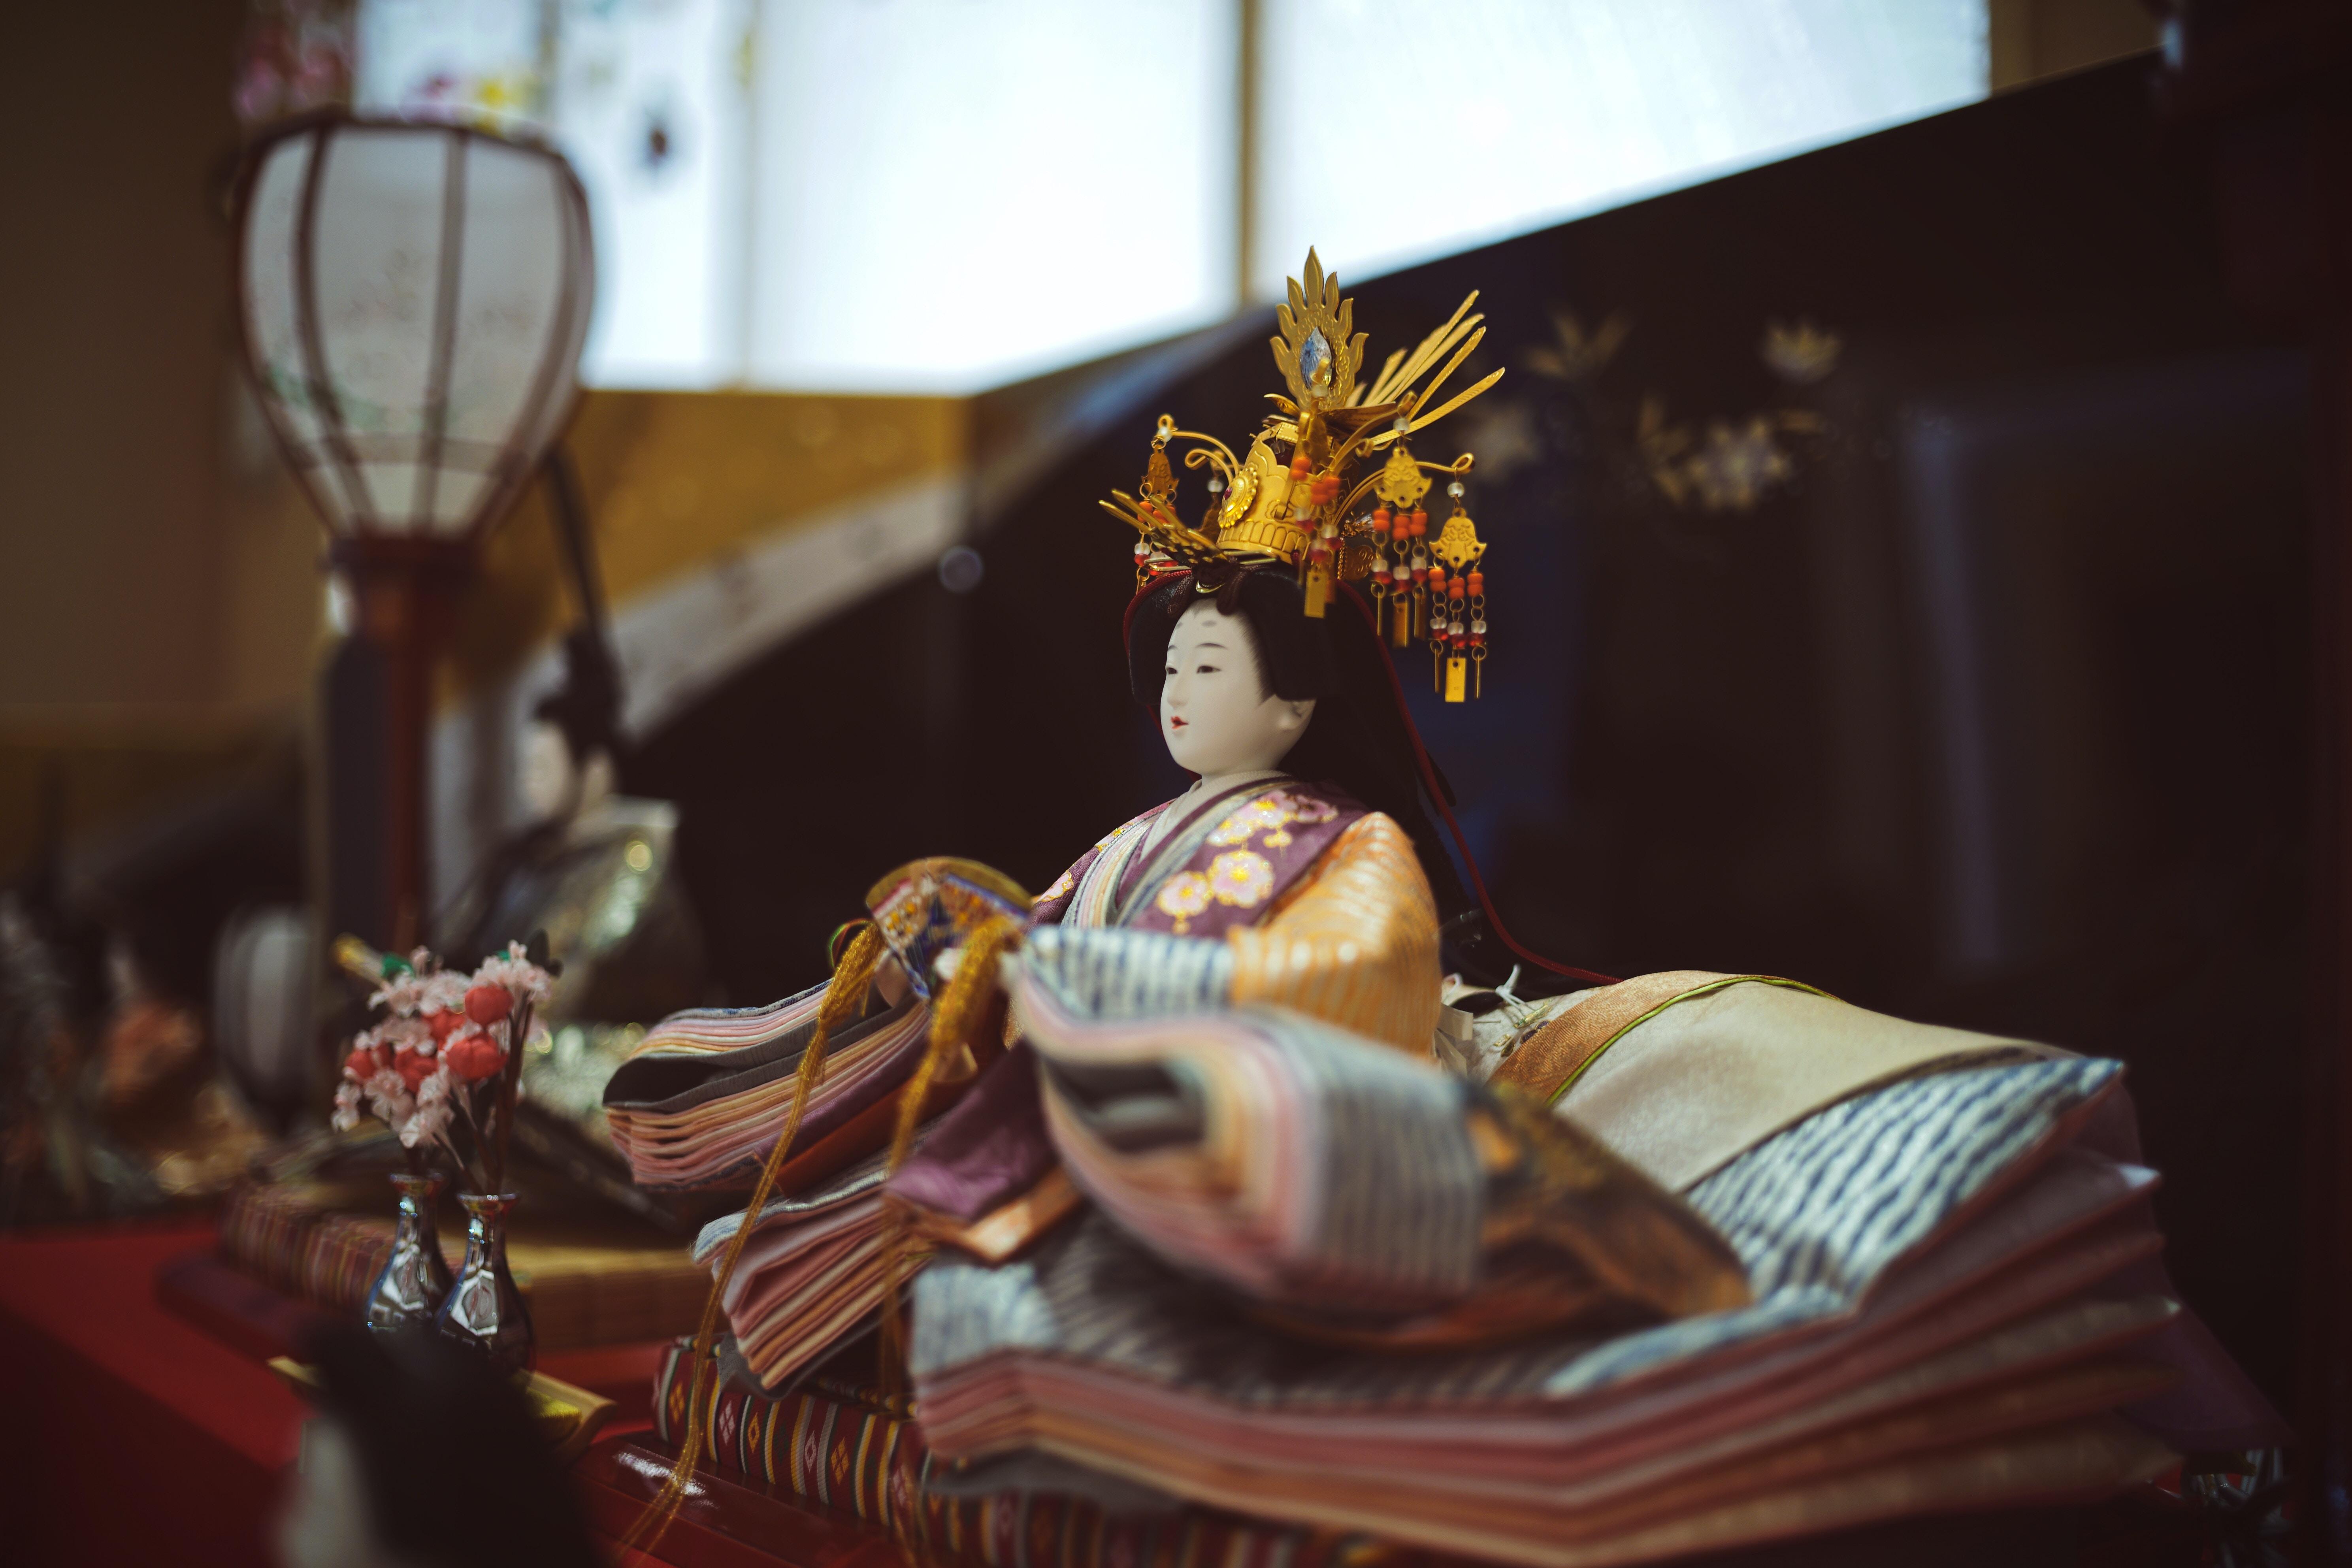 Geisha doll on table